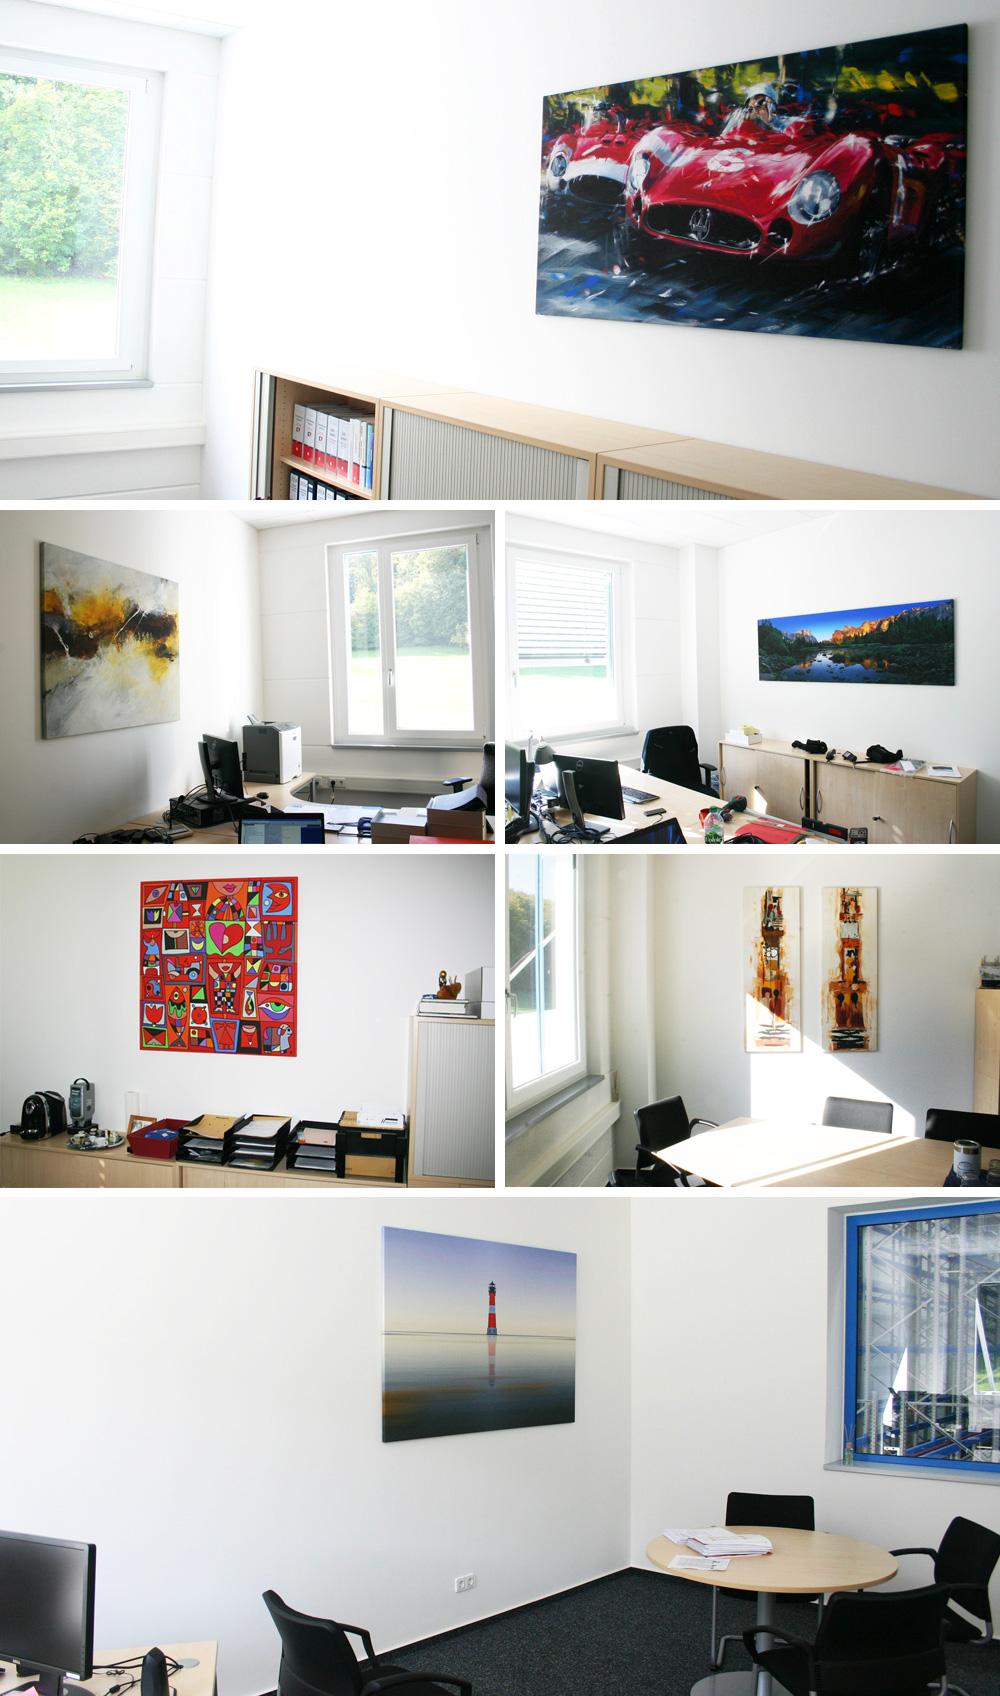 Leinwanddrucke von zeitgenössischer Kunst in Büroräumen